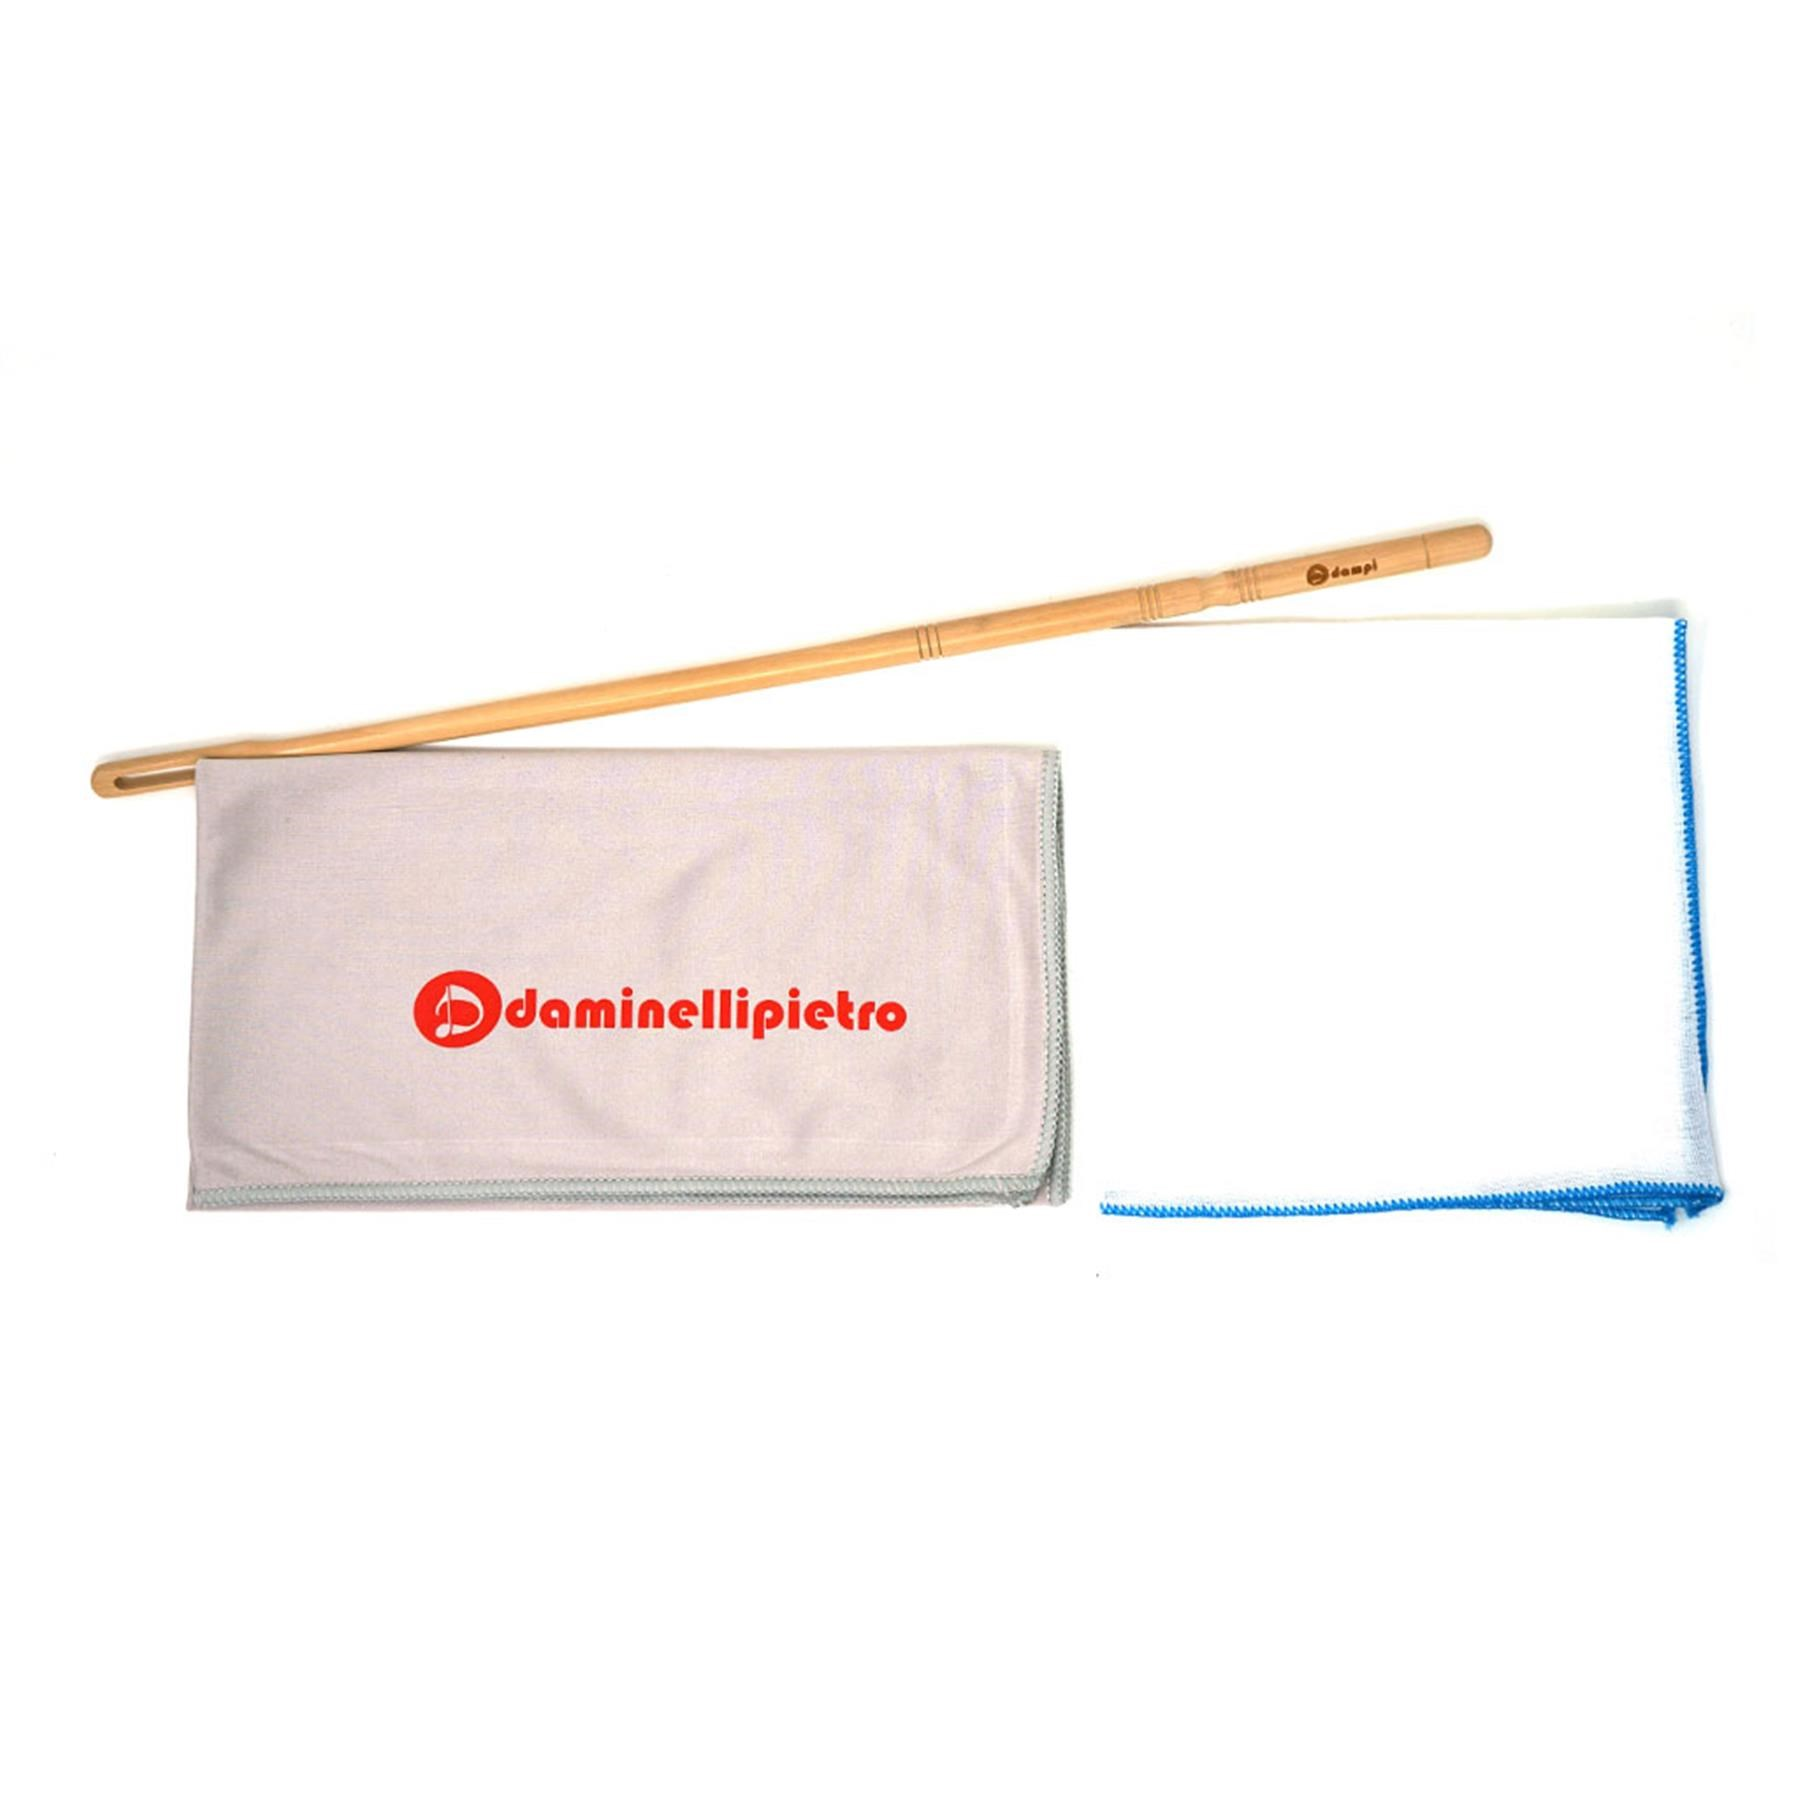 Kit professionale di pulizia per flauto traverso